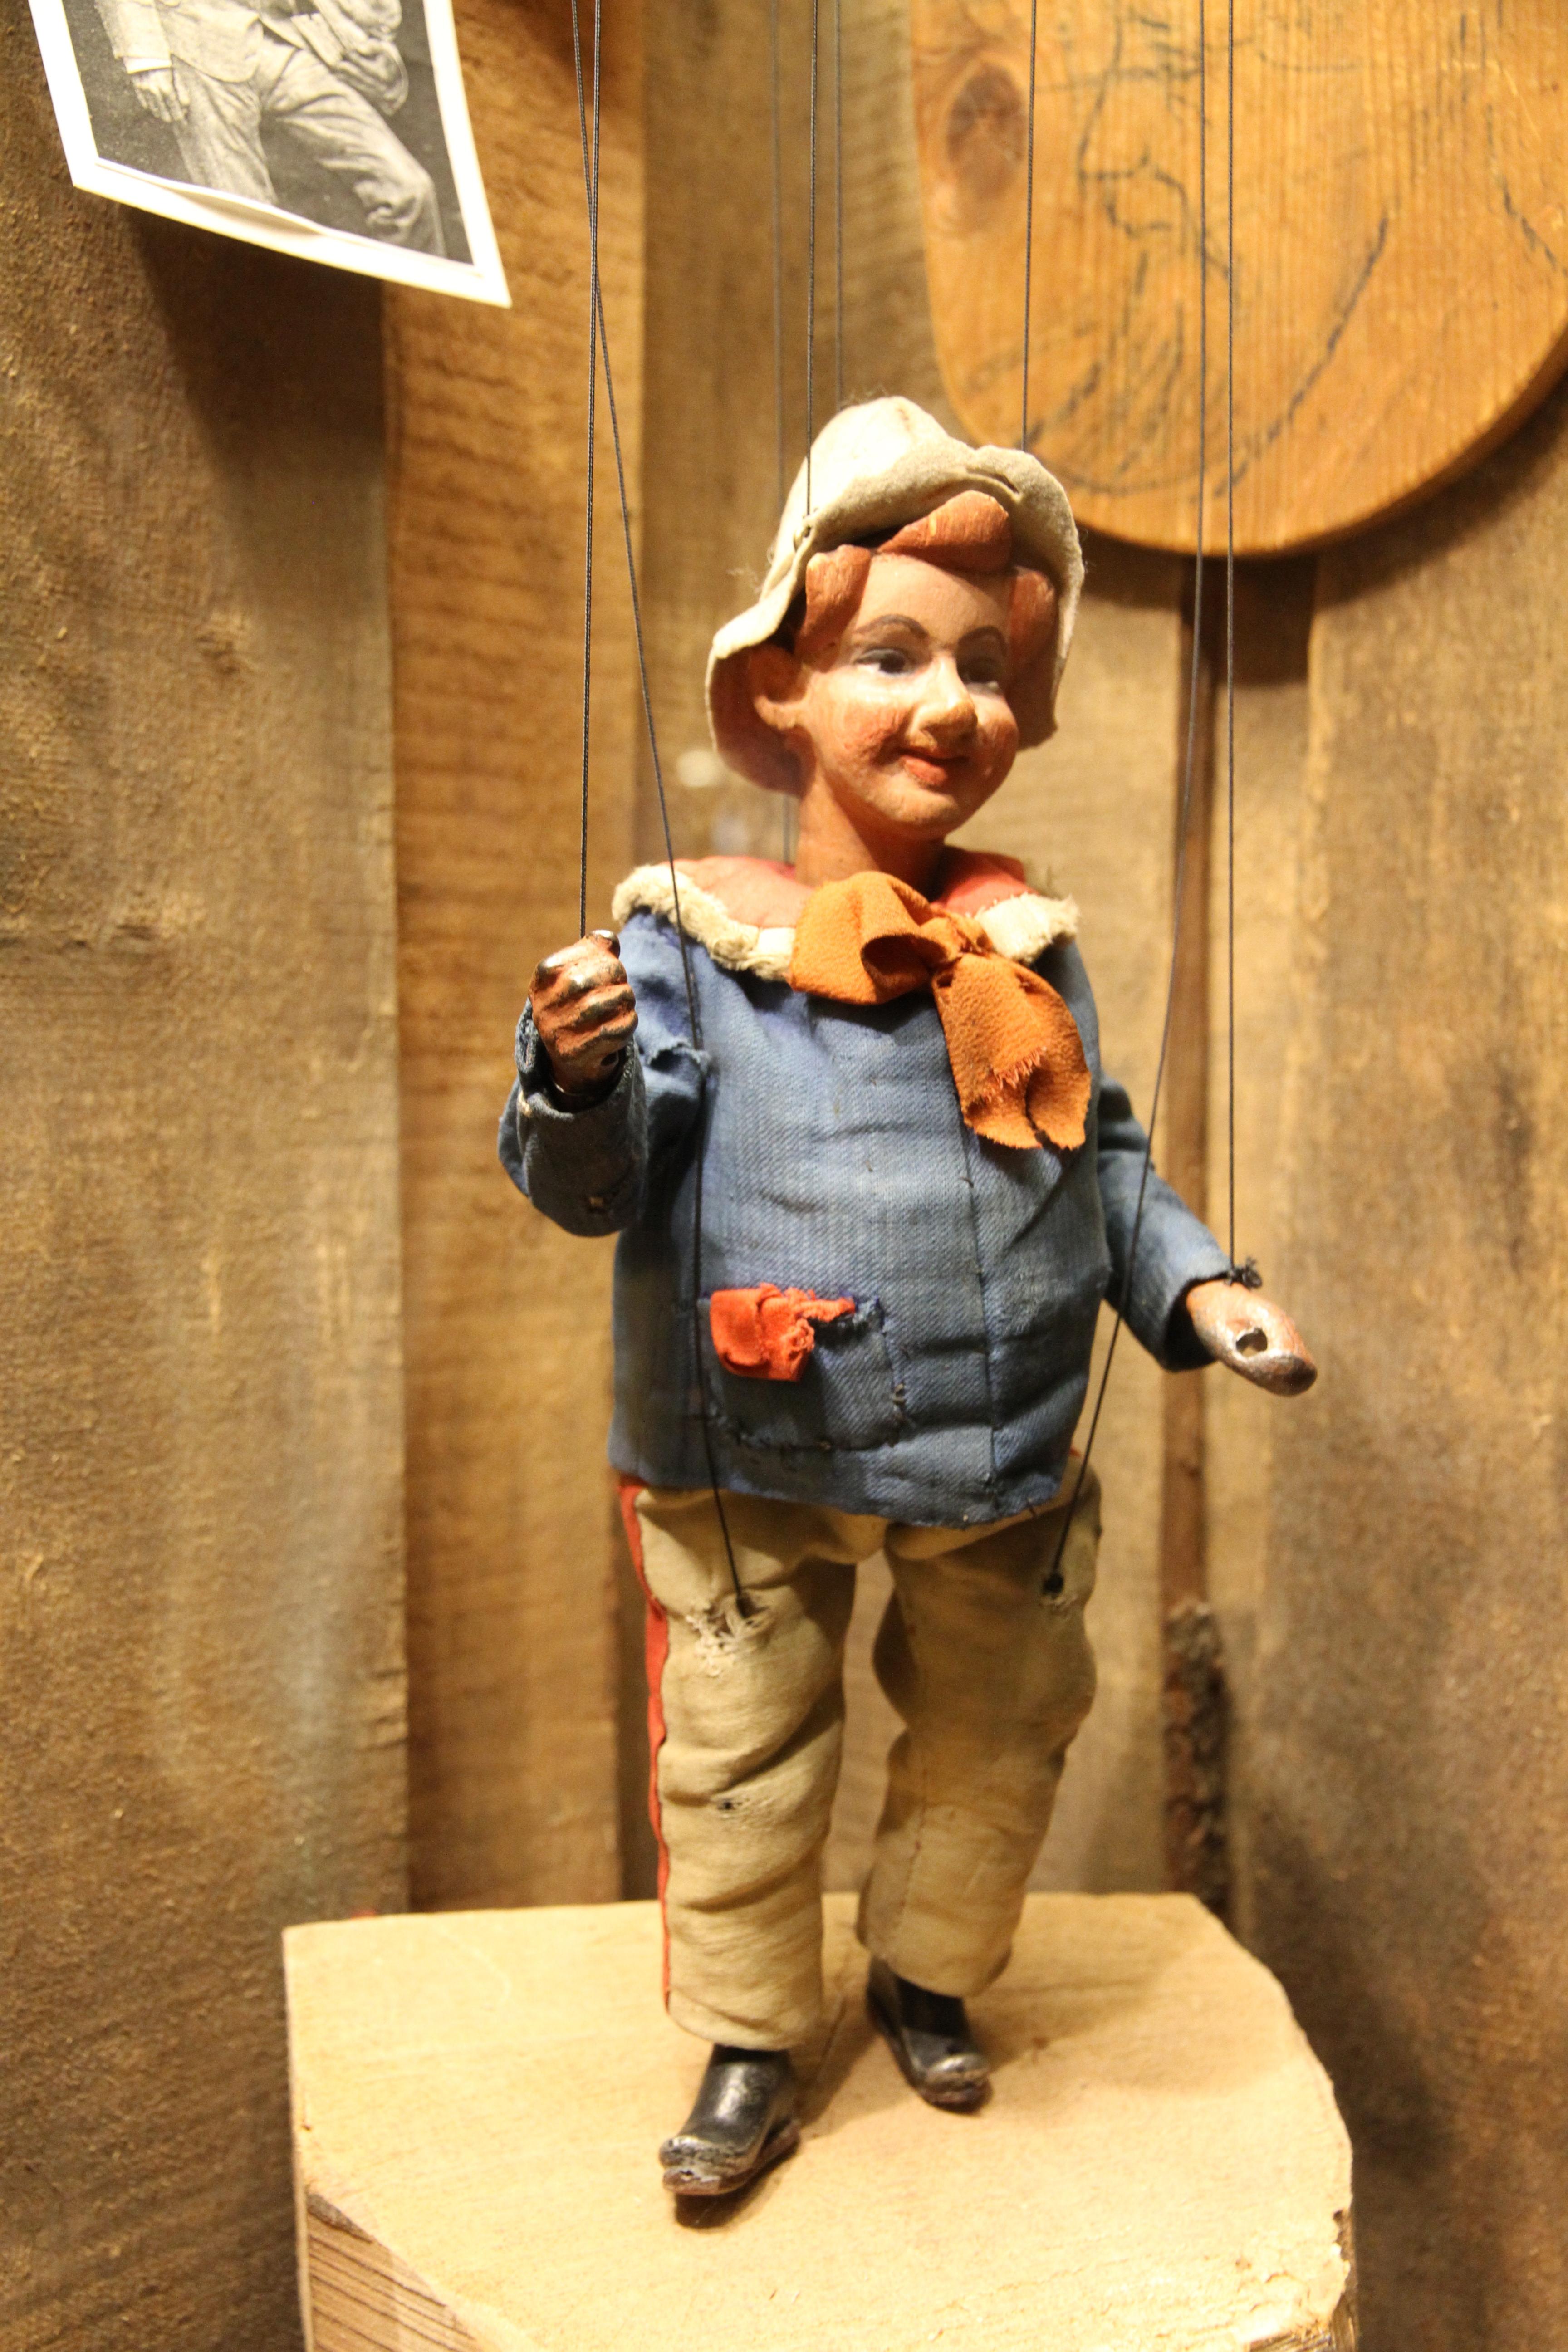 Der Kasperl: Noch immer ein lustiger und zarter Charakter im Salzburger Marionettentheater.